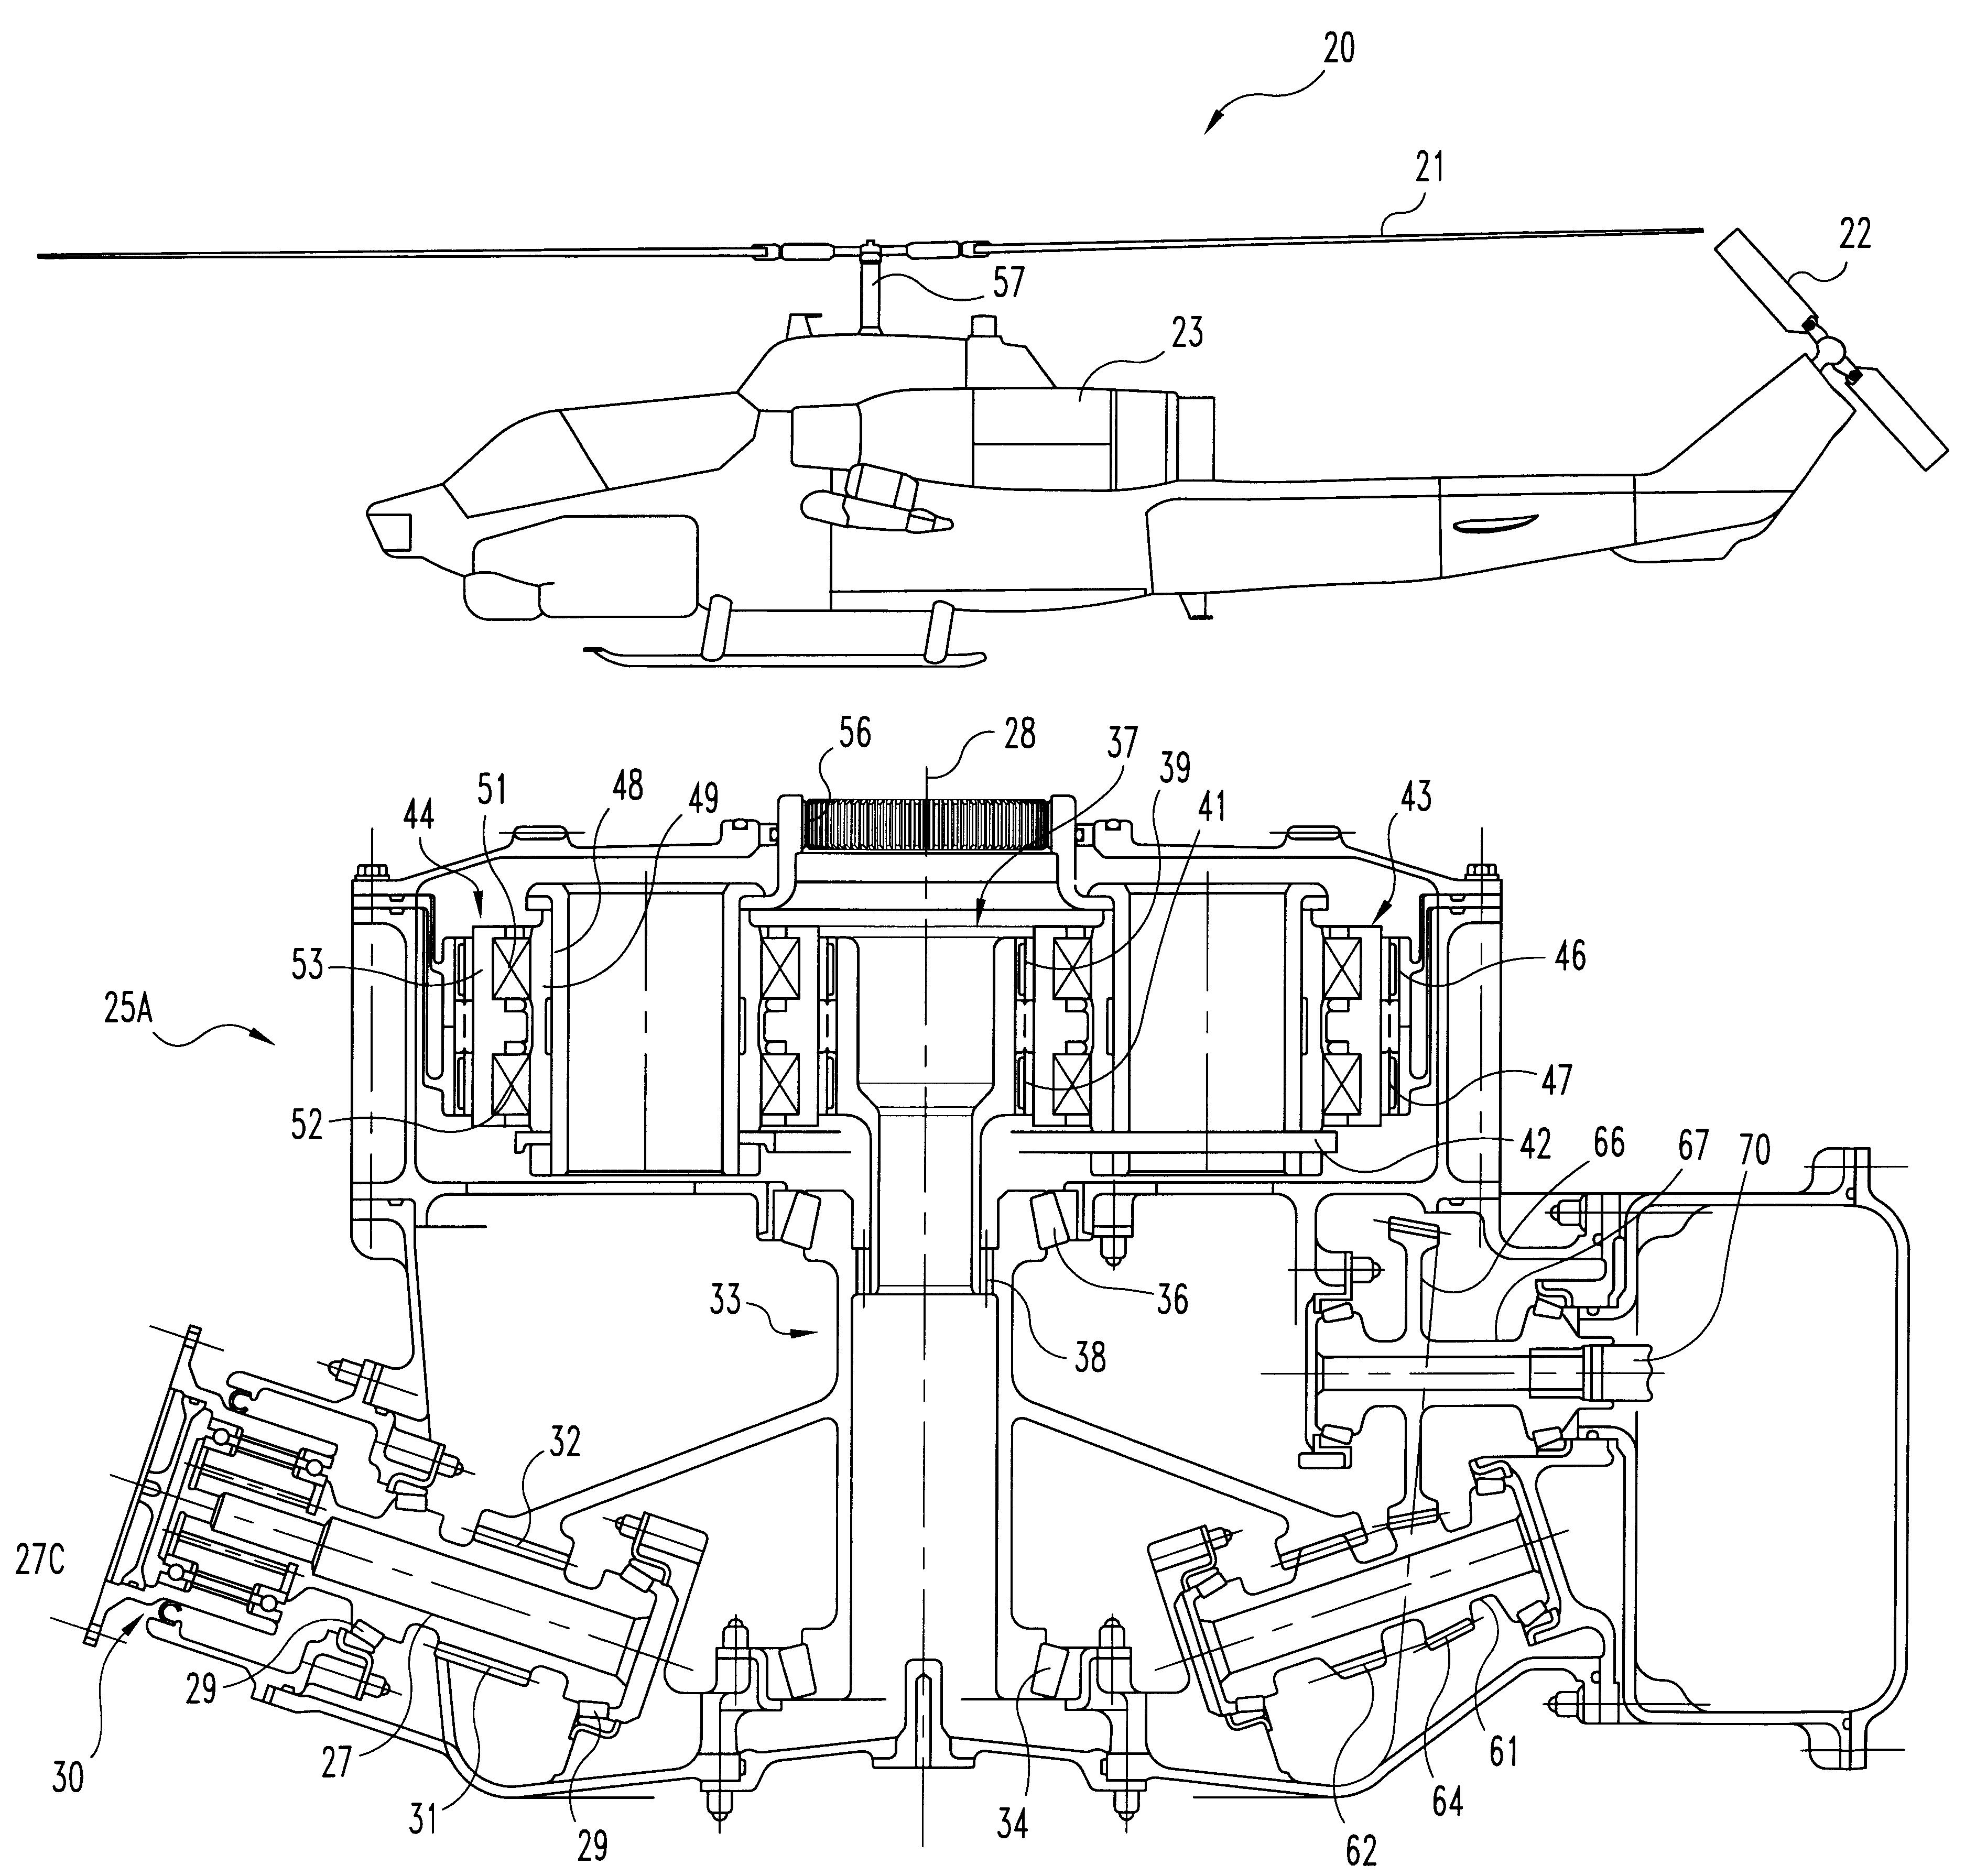 patent us6302356